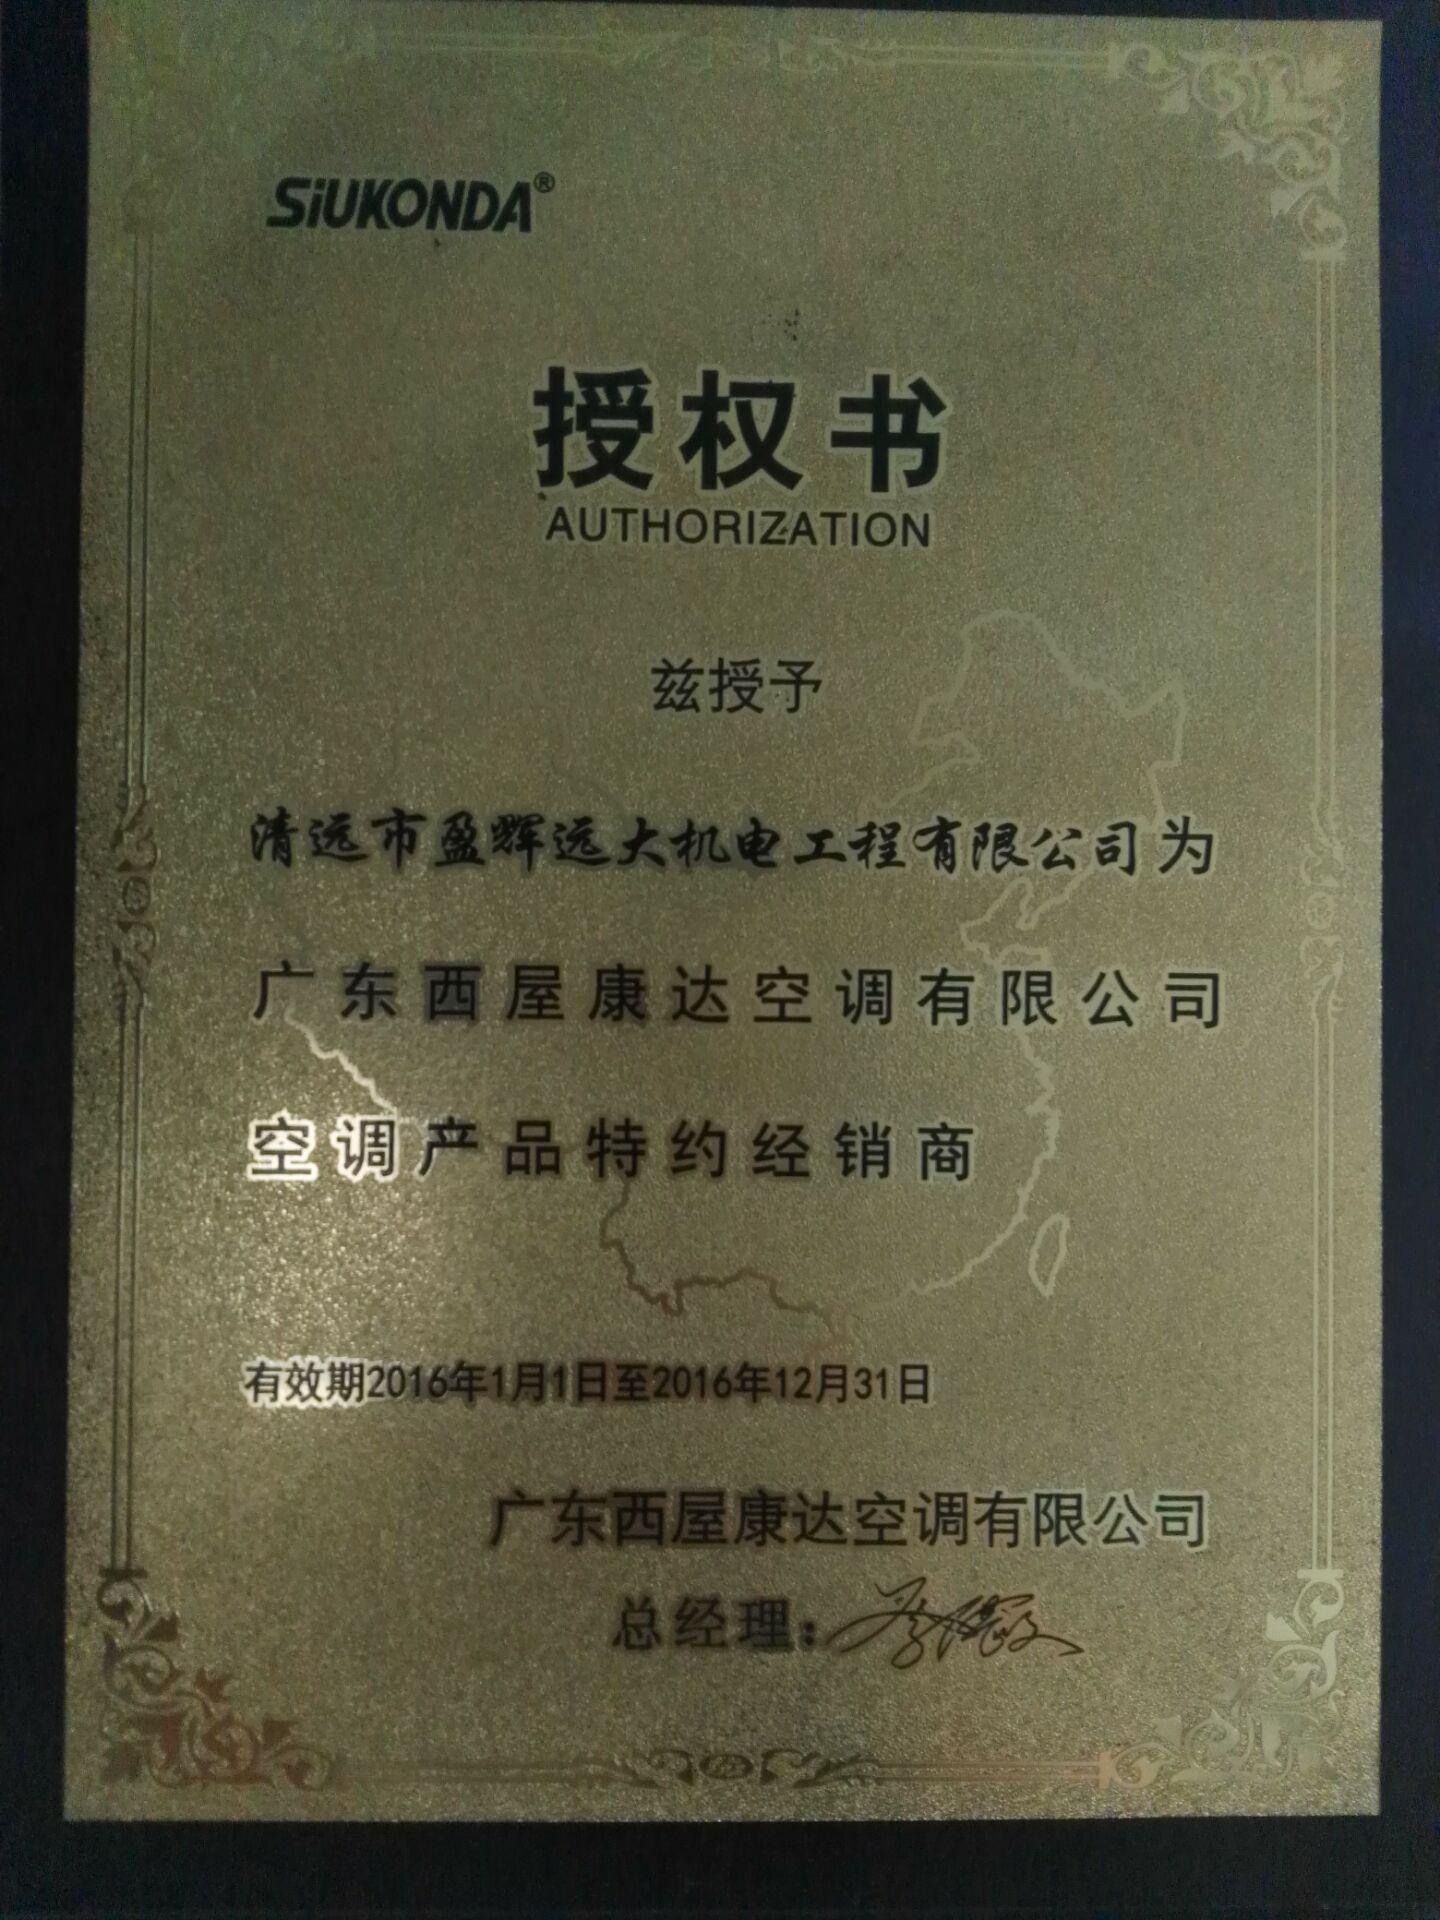 清远市盈辉远大机电工程有限公司授权书